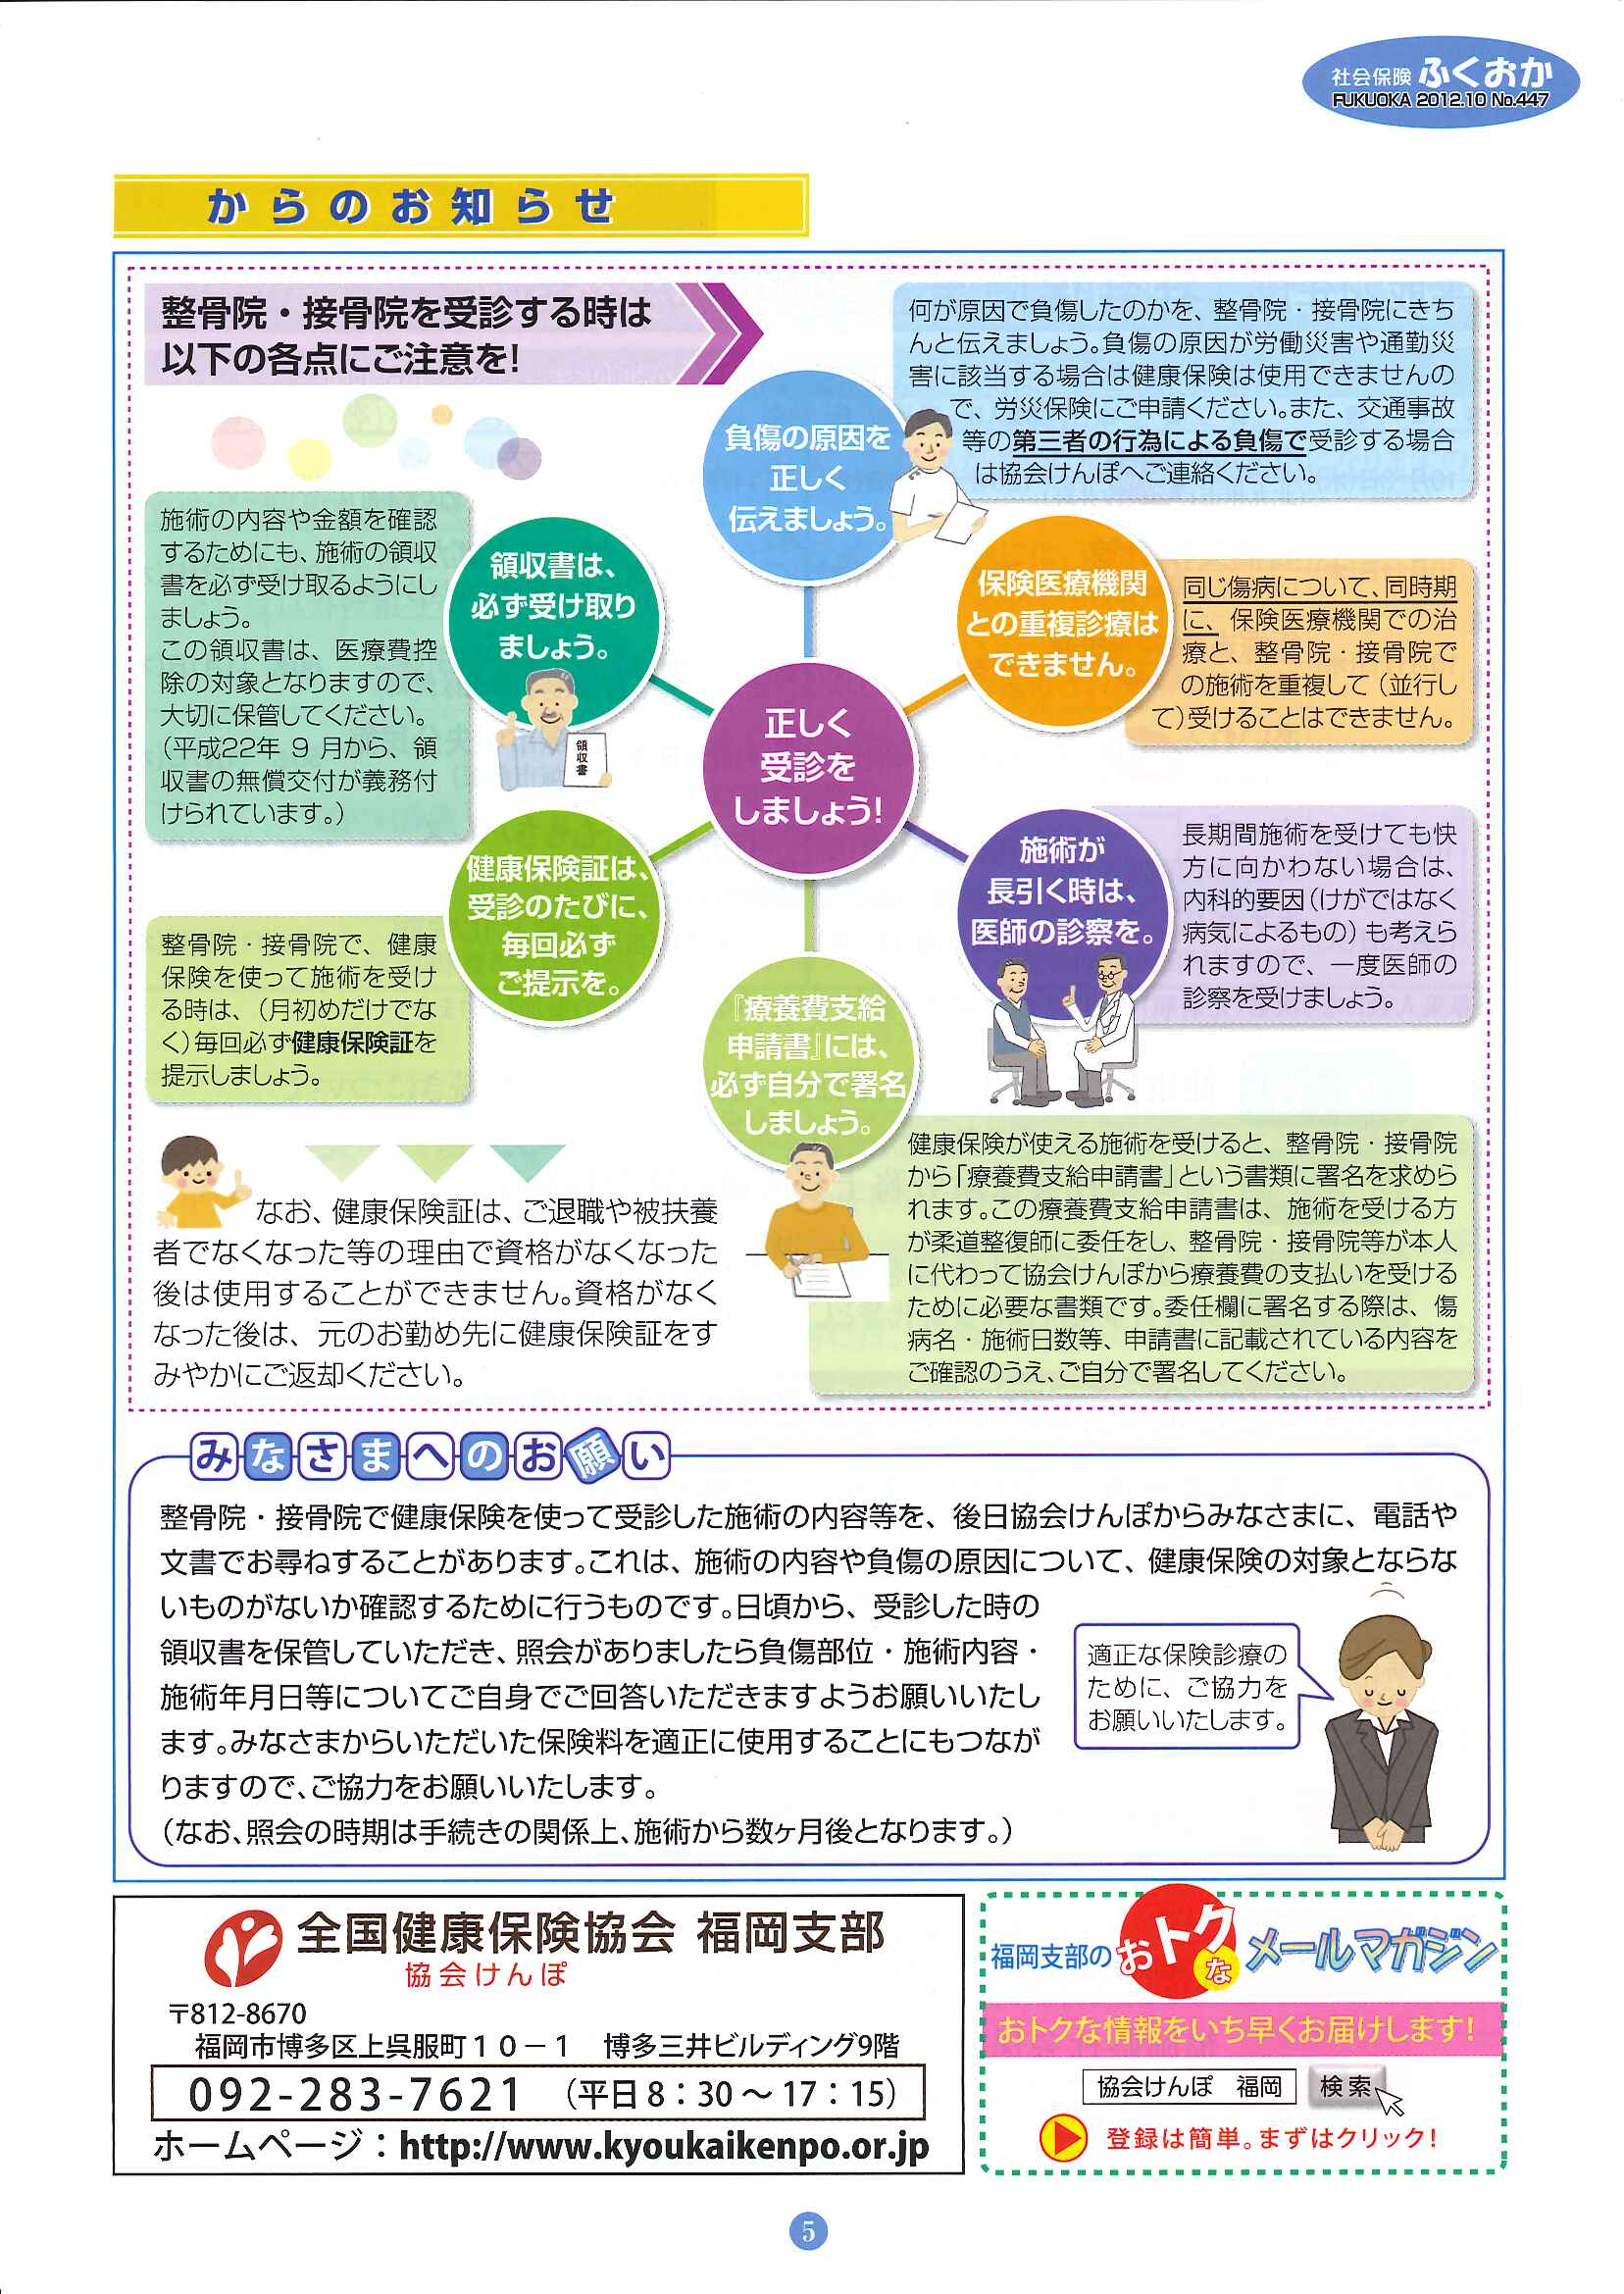 社会保険 ふくおか 2012 10月号_f0120774_13511915.jpg